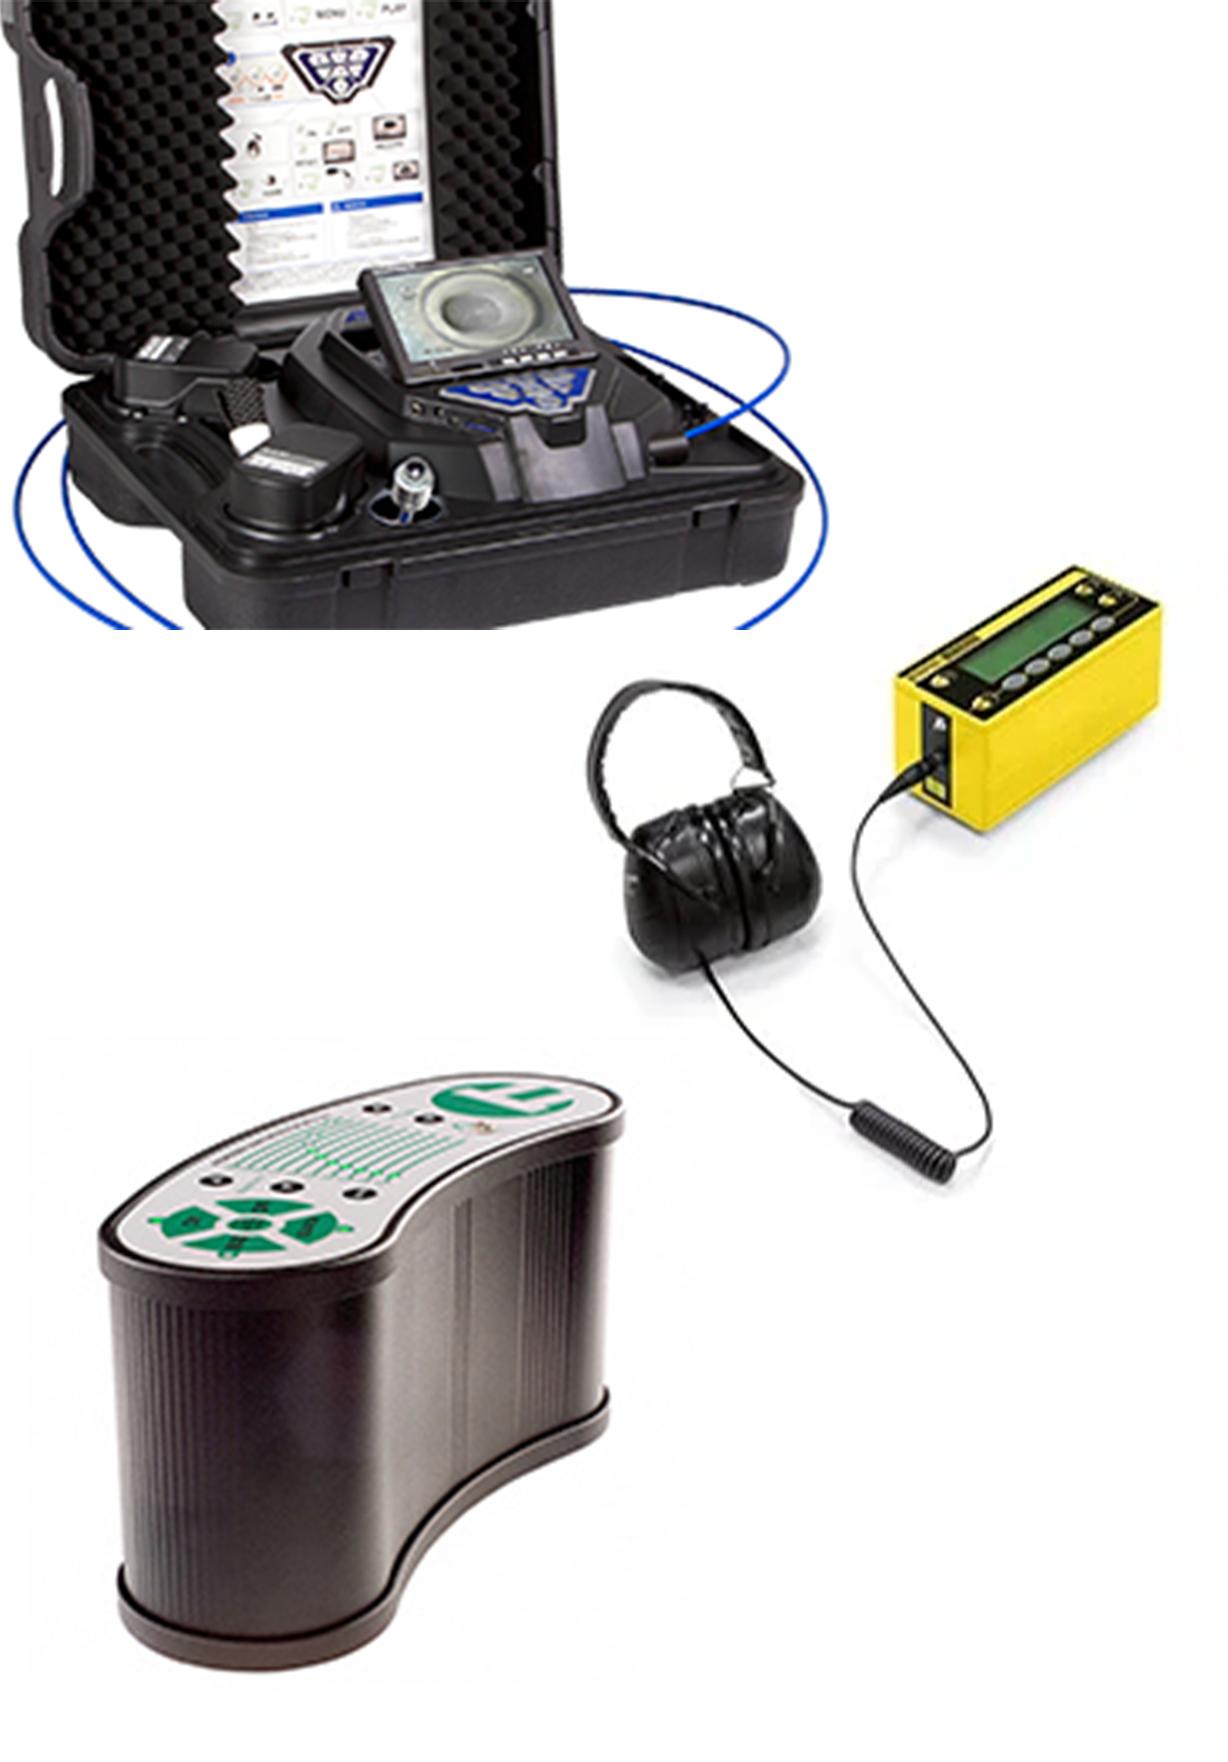 Geräte für Leackageortung weißer Hintergrund